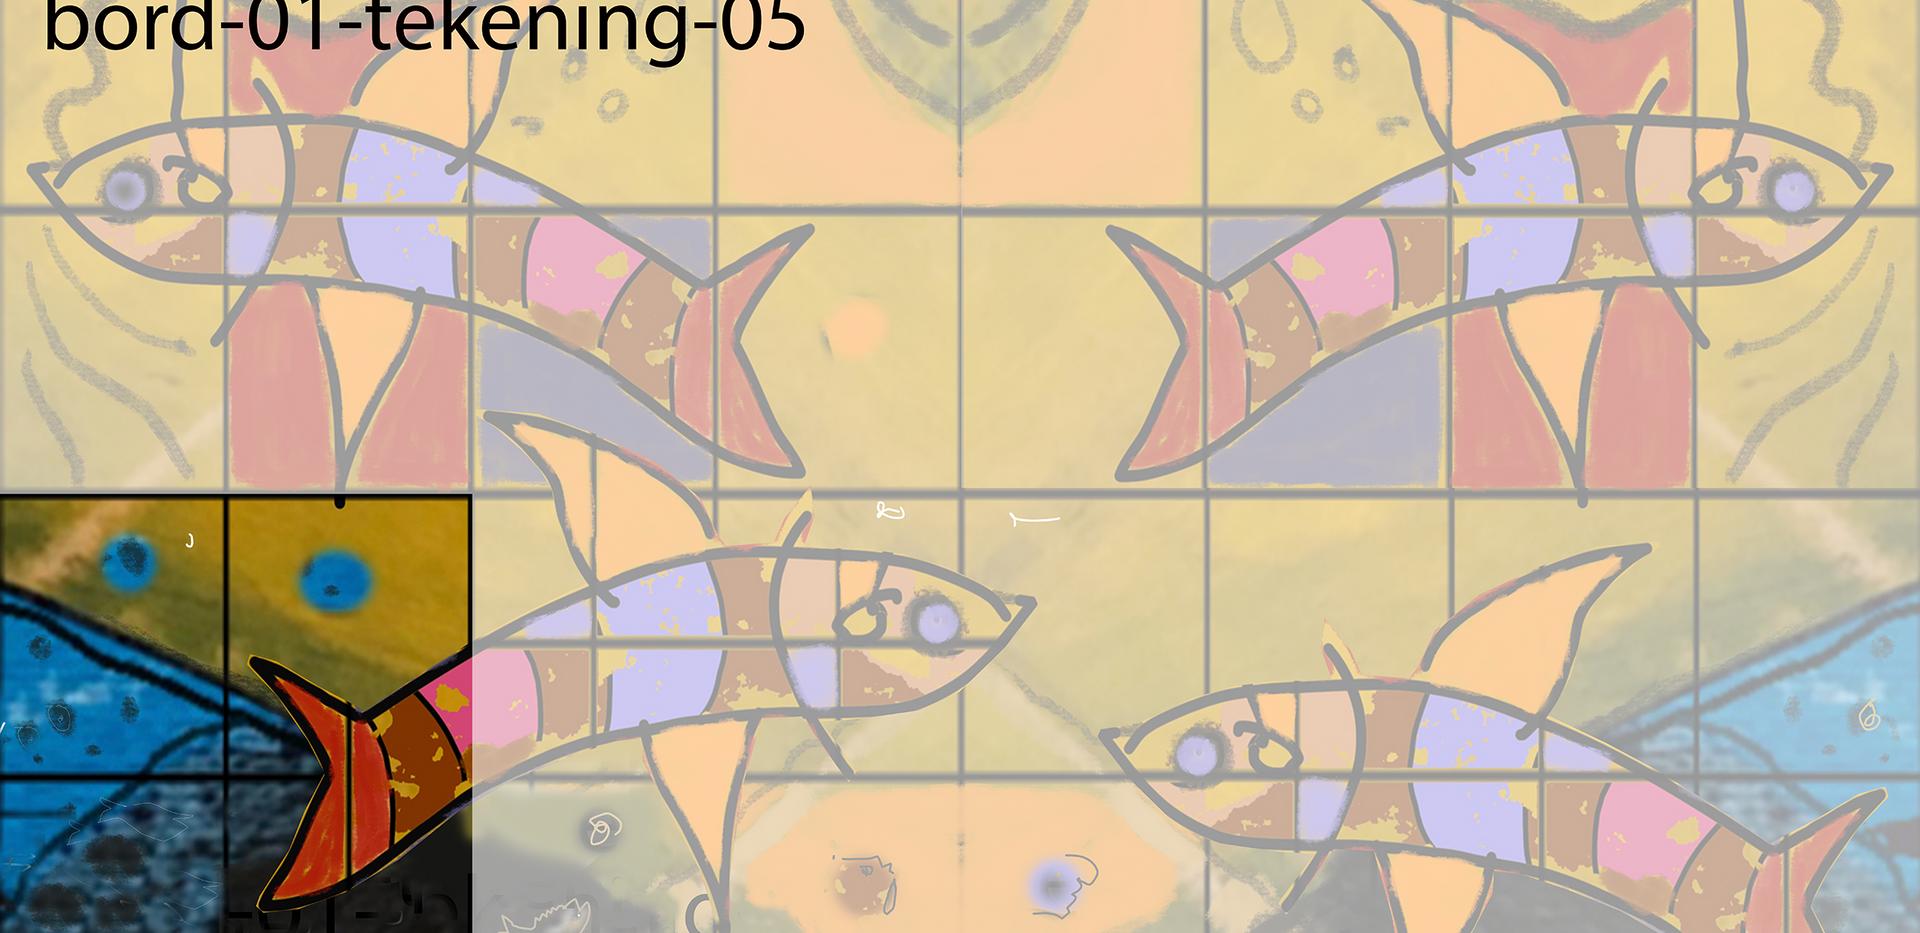 bord-01-tekening-05.png